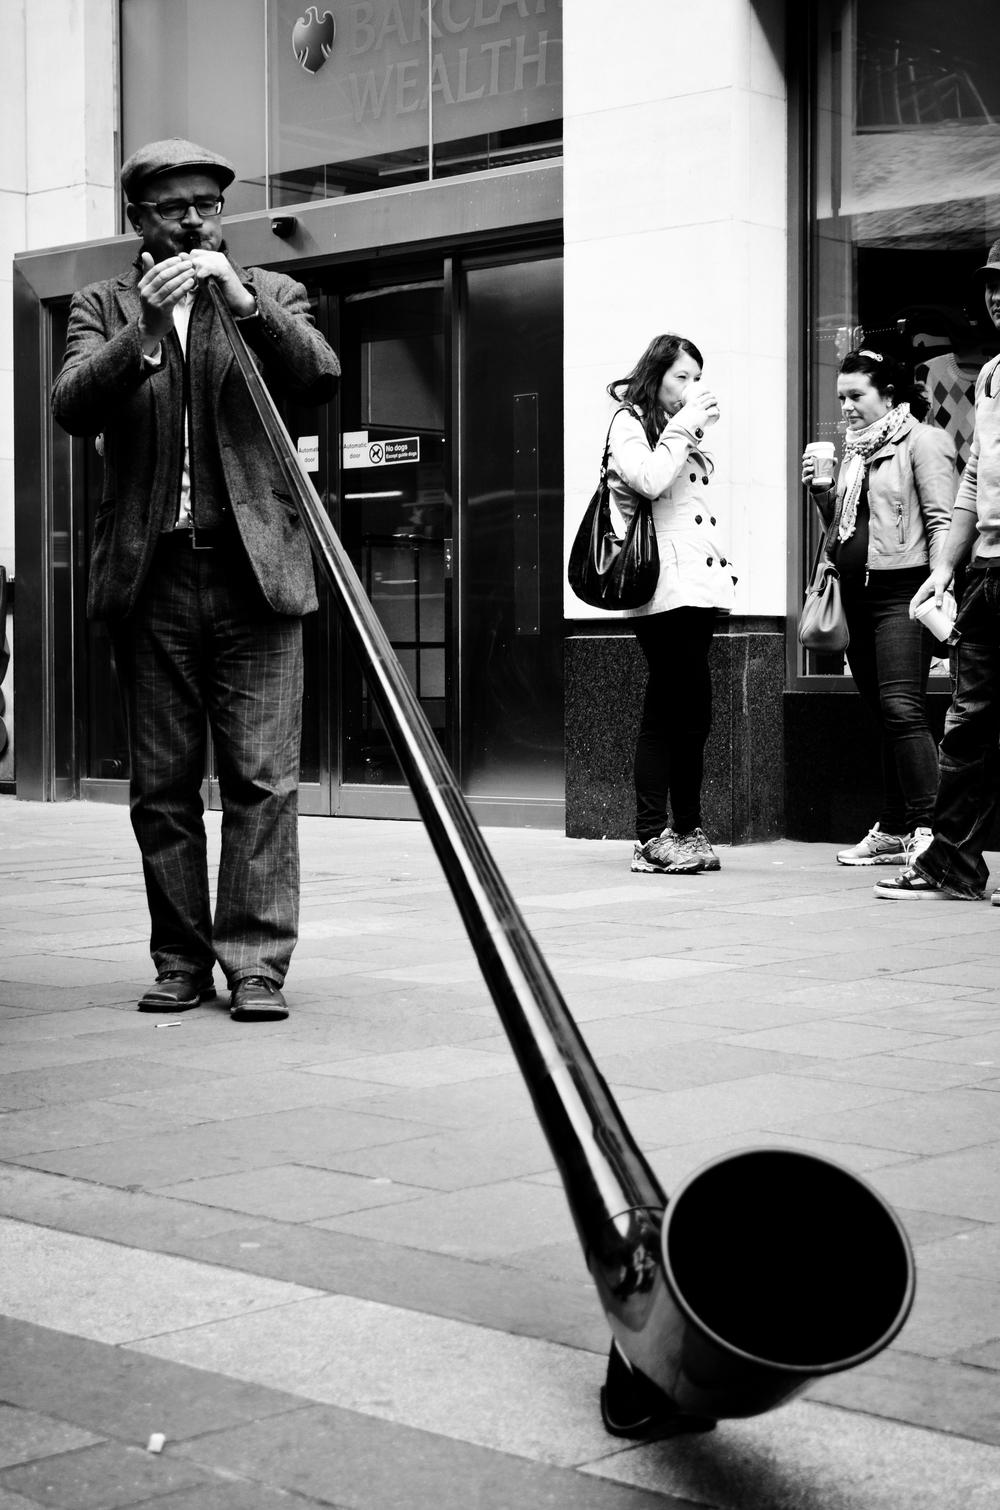 2011_04_01_05_London_138.jpg